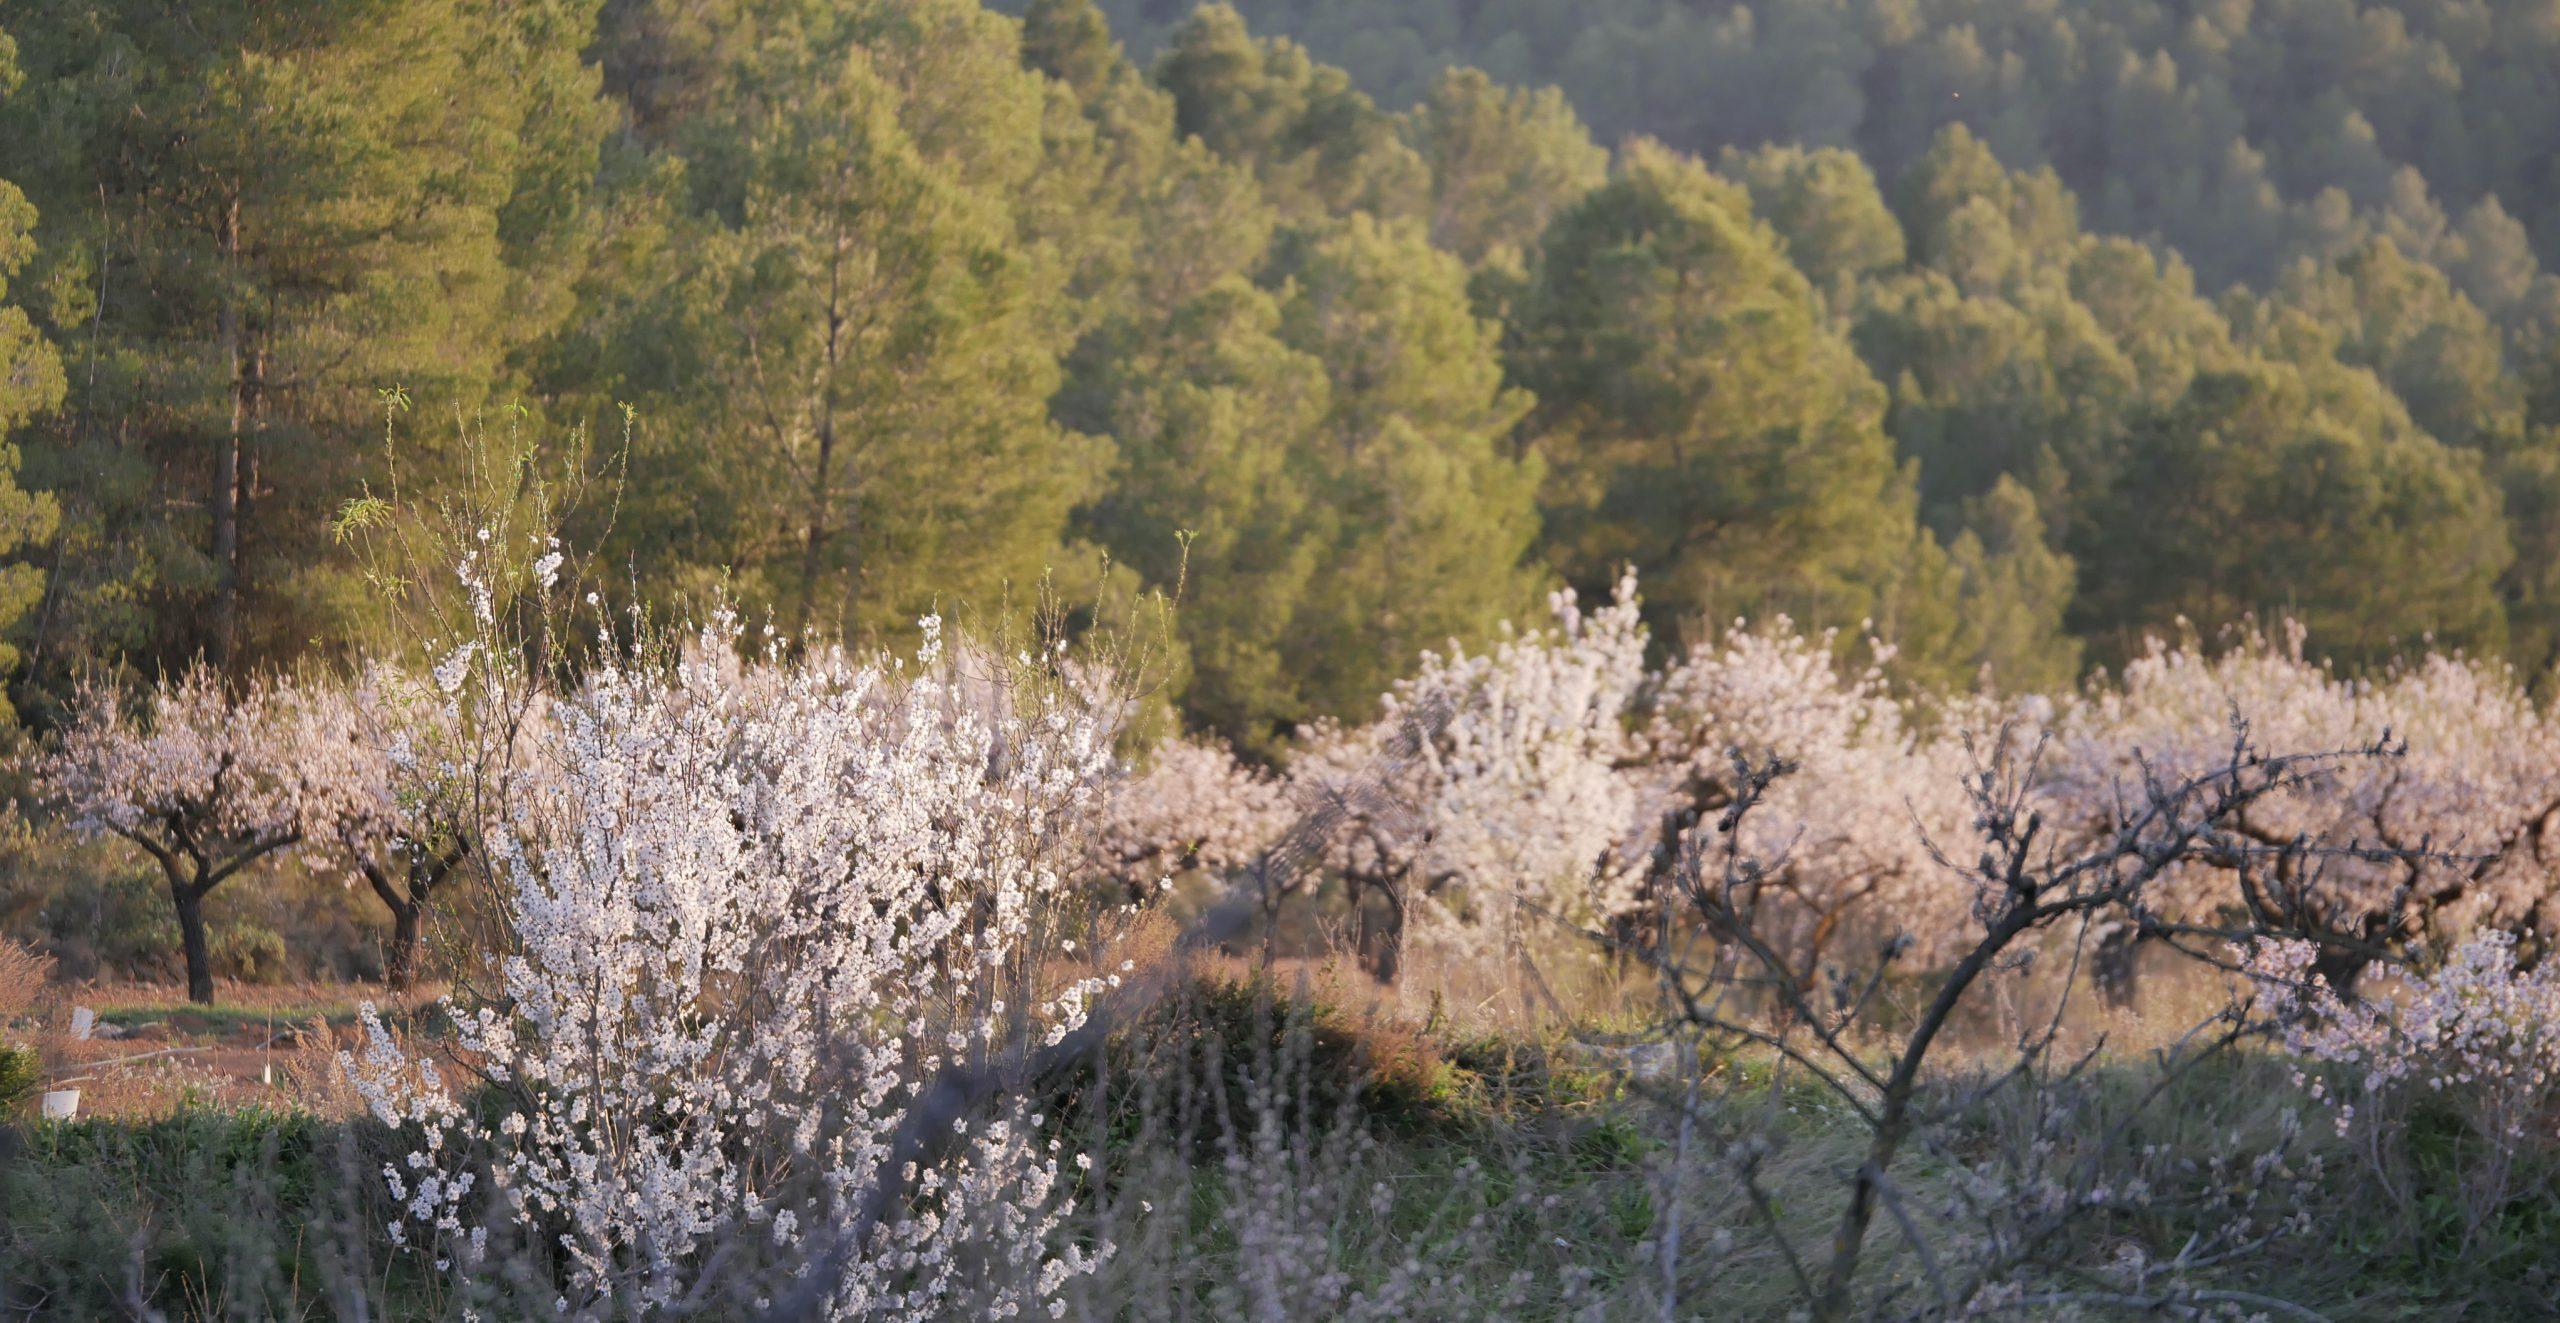 Paysage avec des arbres aux feuilles blanches et vertes